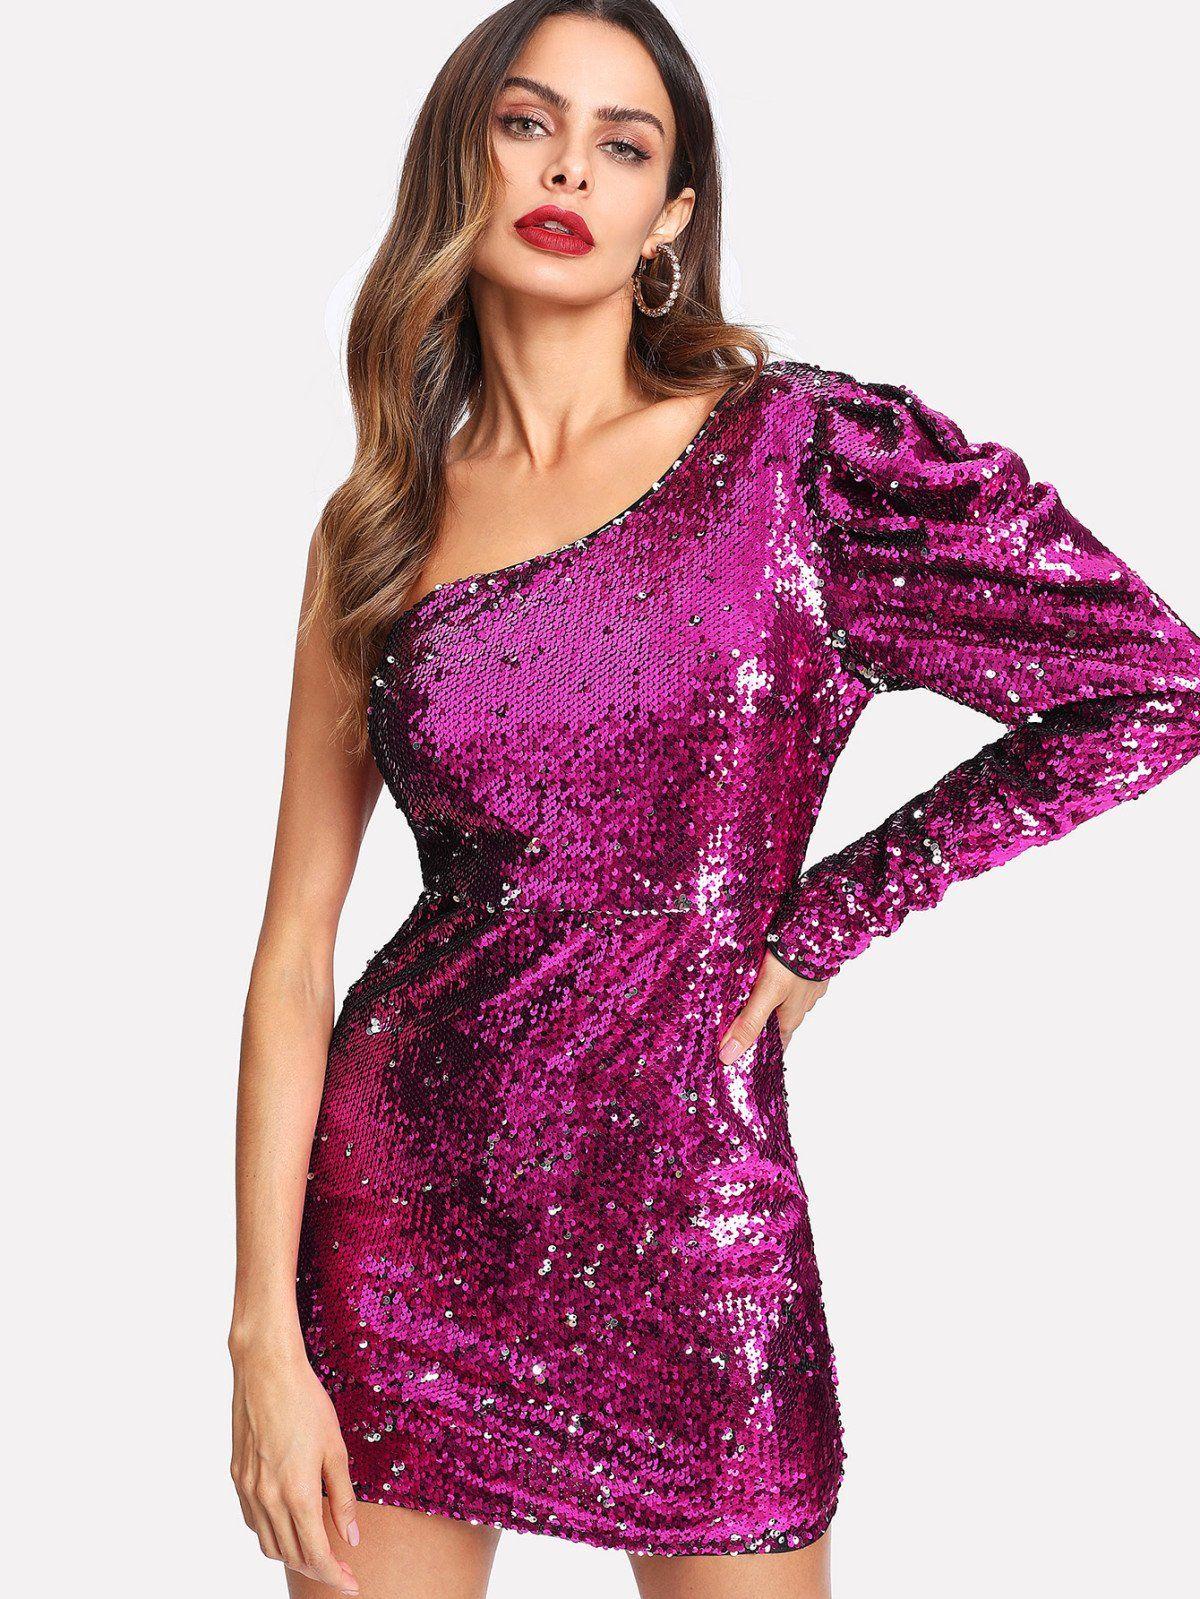 Hermosa Dillards Vestidos Para Invitados De Boda Friso - Colección ...